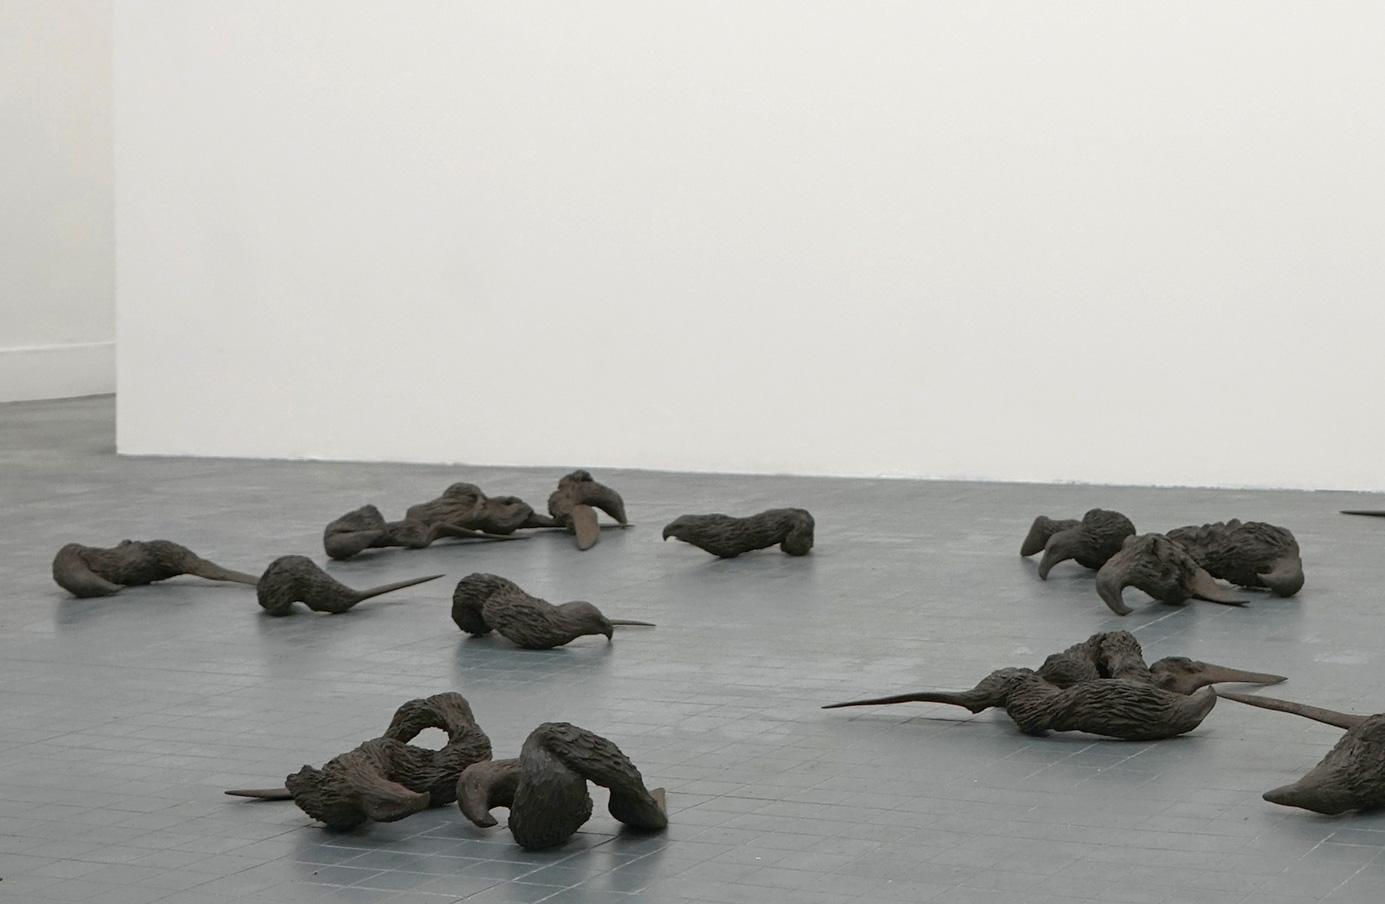 <i>biterminés<i>, 2017, sculpture/installation, terre cuite noire, 37 pièces